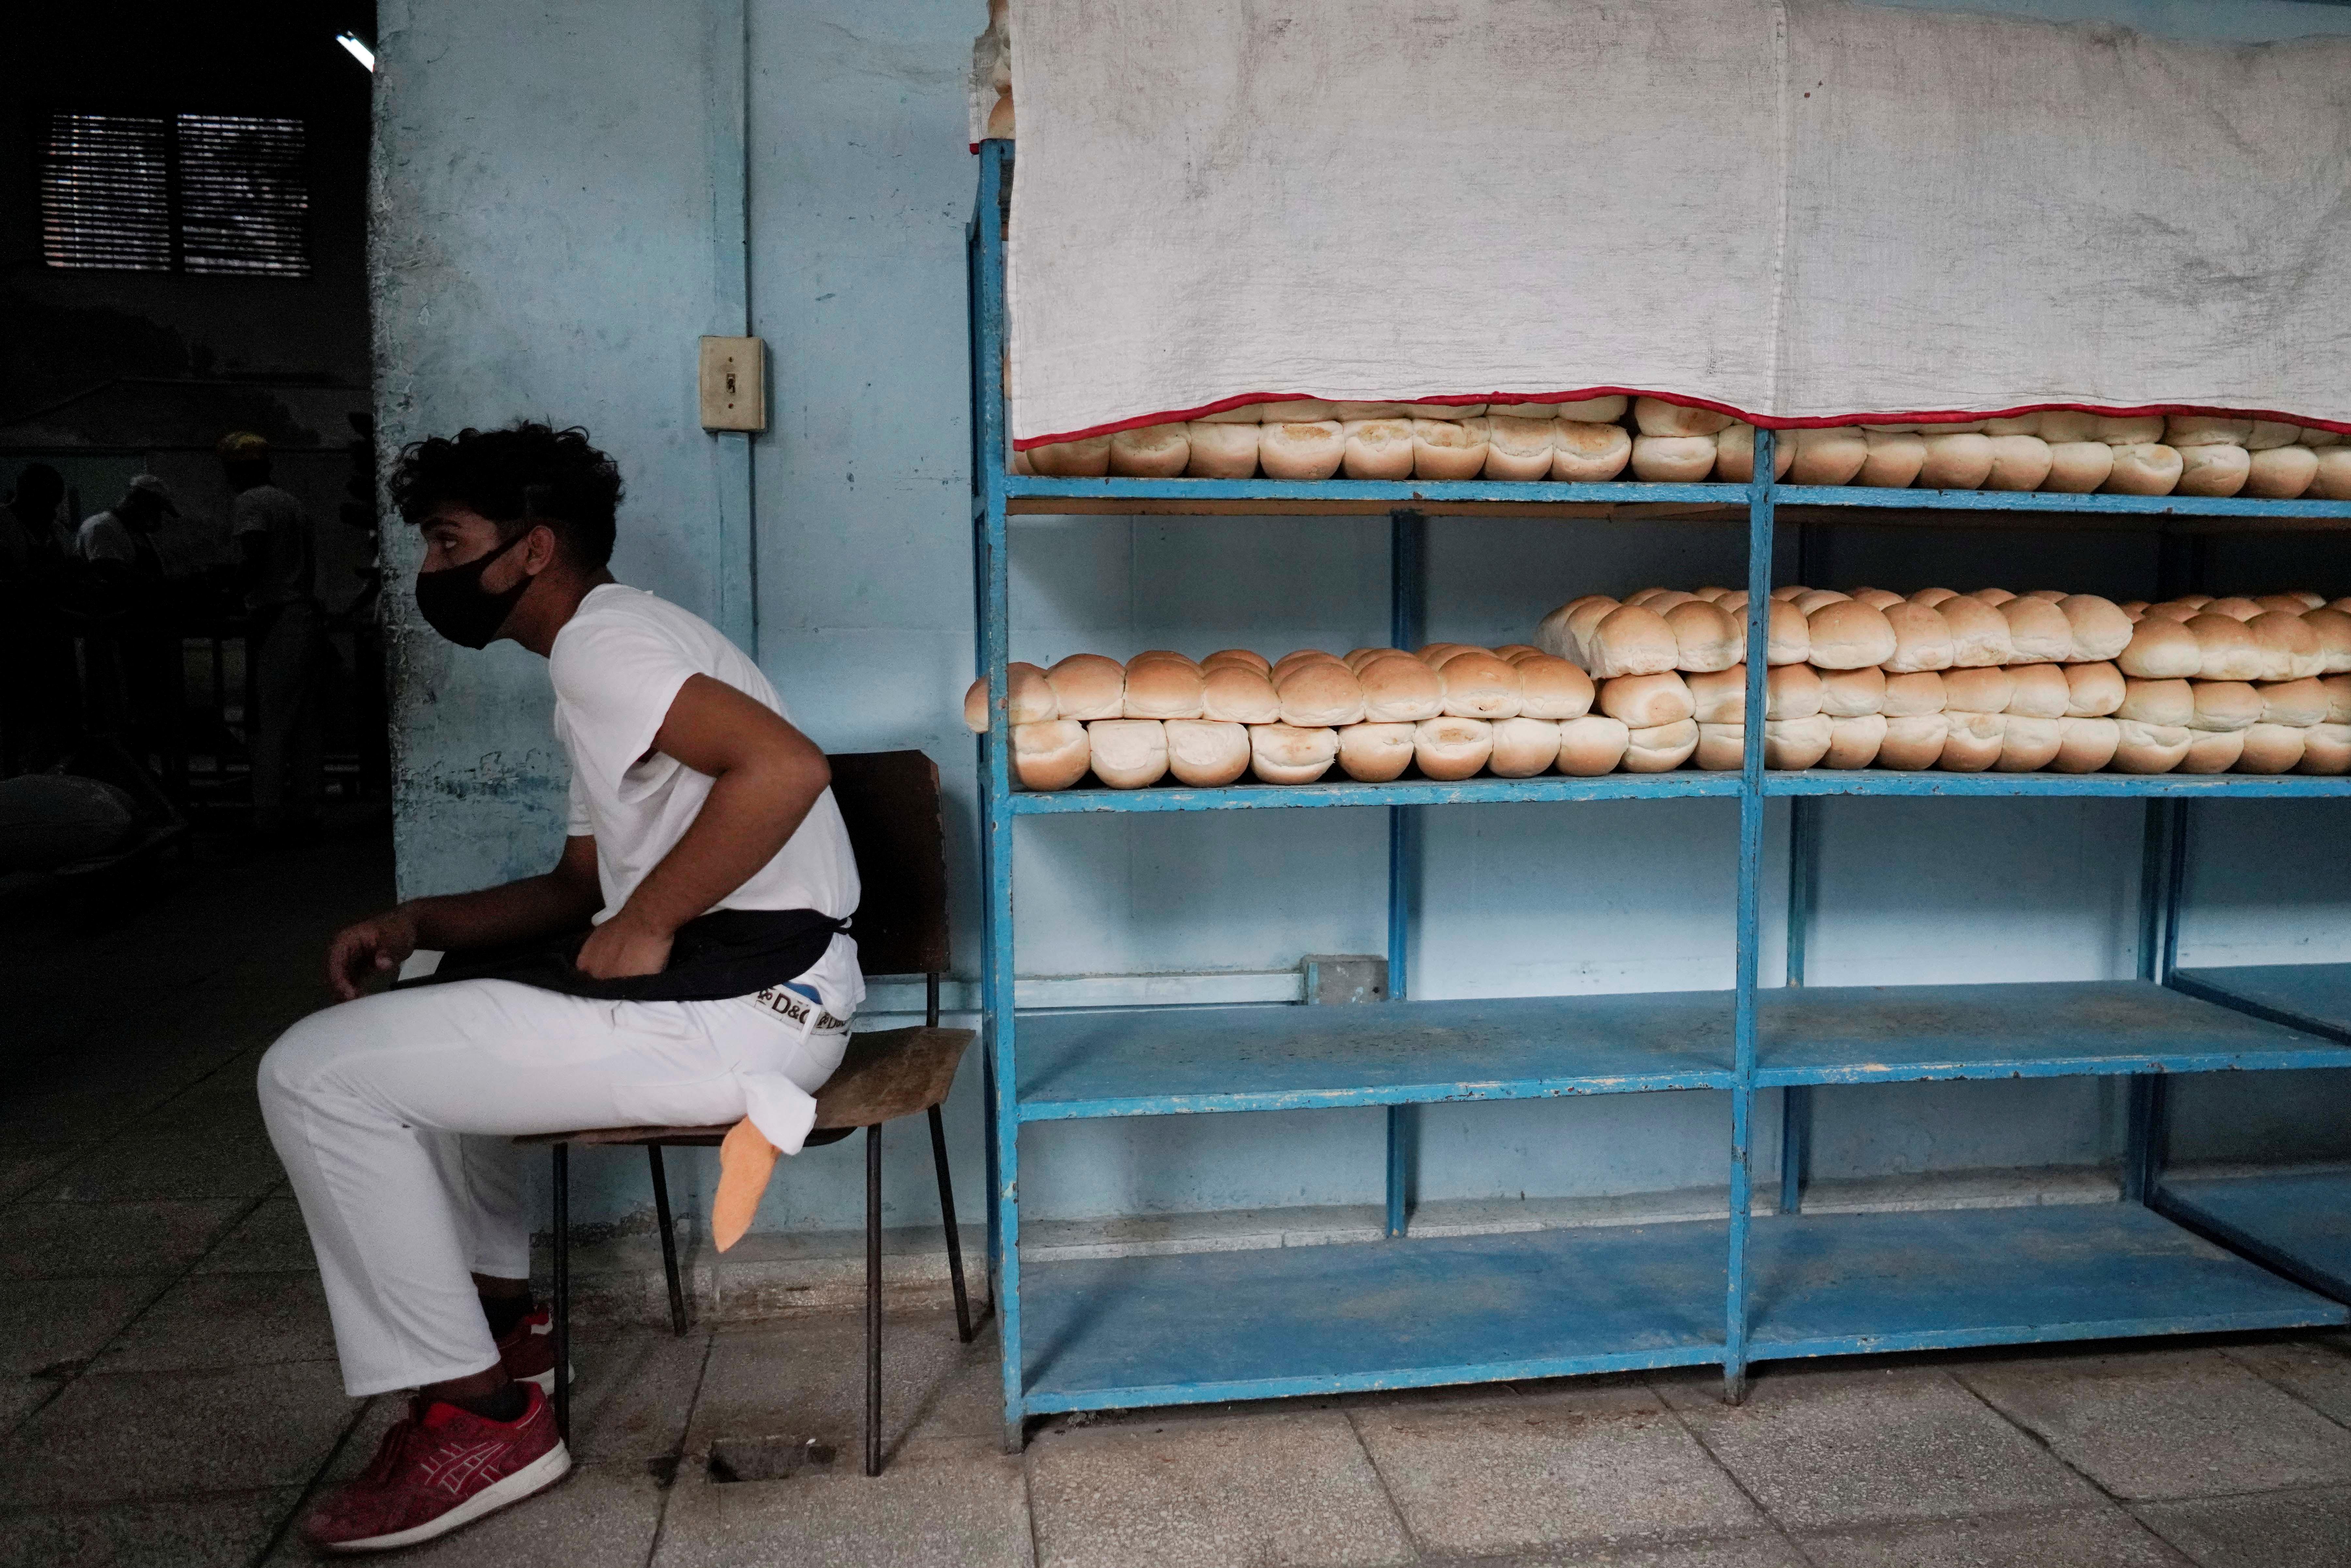 An employee sits beside bread stored on shelves inside a bakery in Havana, Cuba, May 18, 2021. Picture taken on May 18, 2021. REUTERS/Alexandre Meneghini